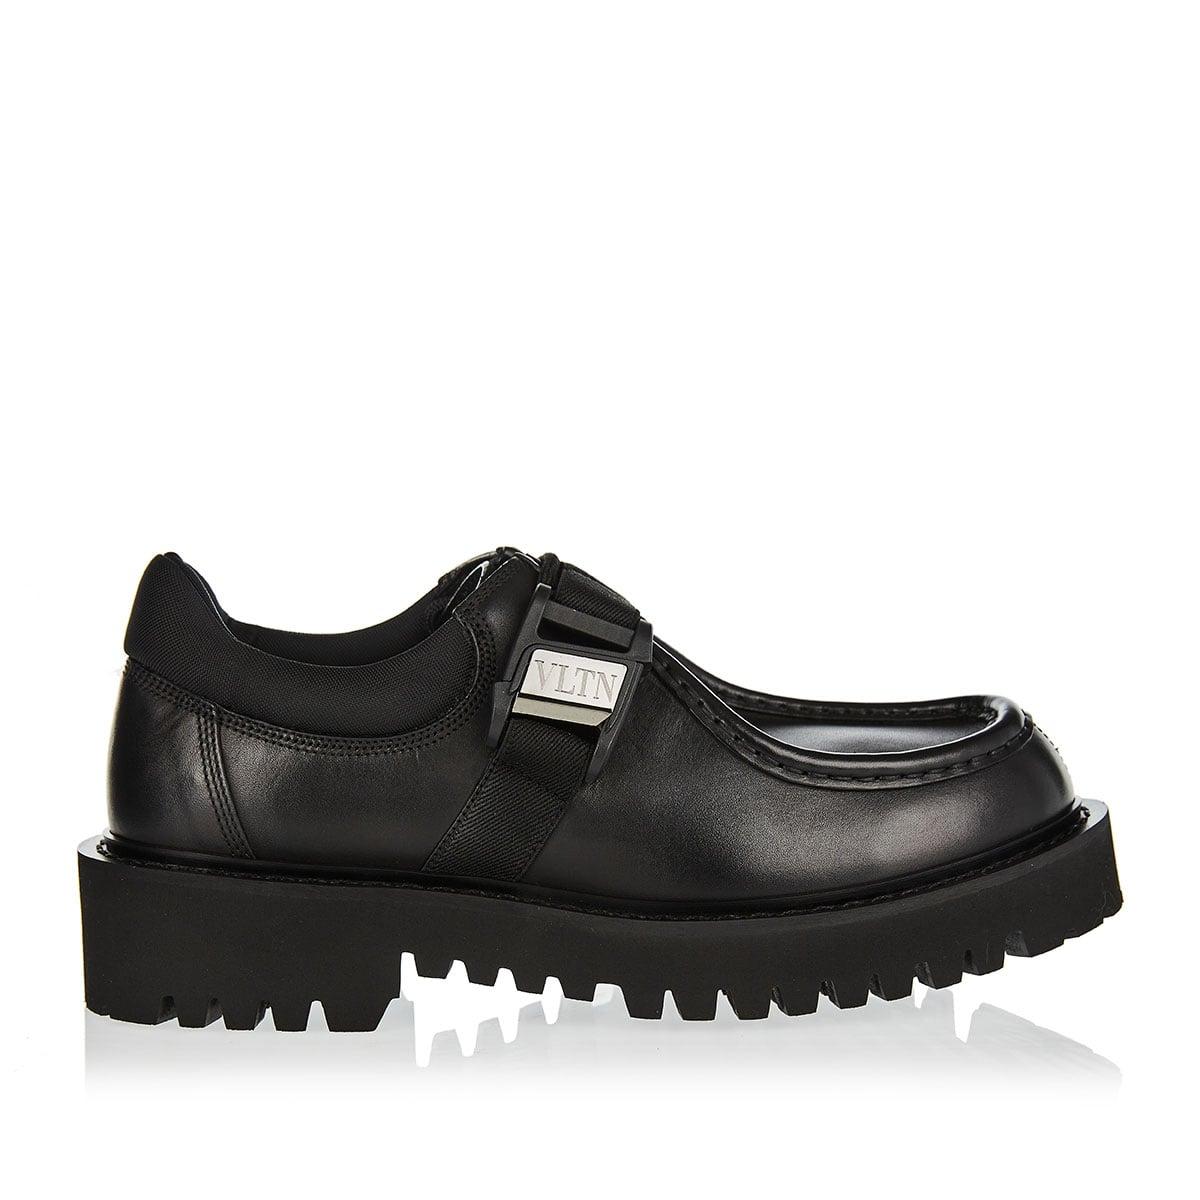 VLTN leather derby shoes